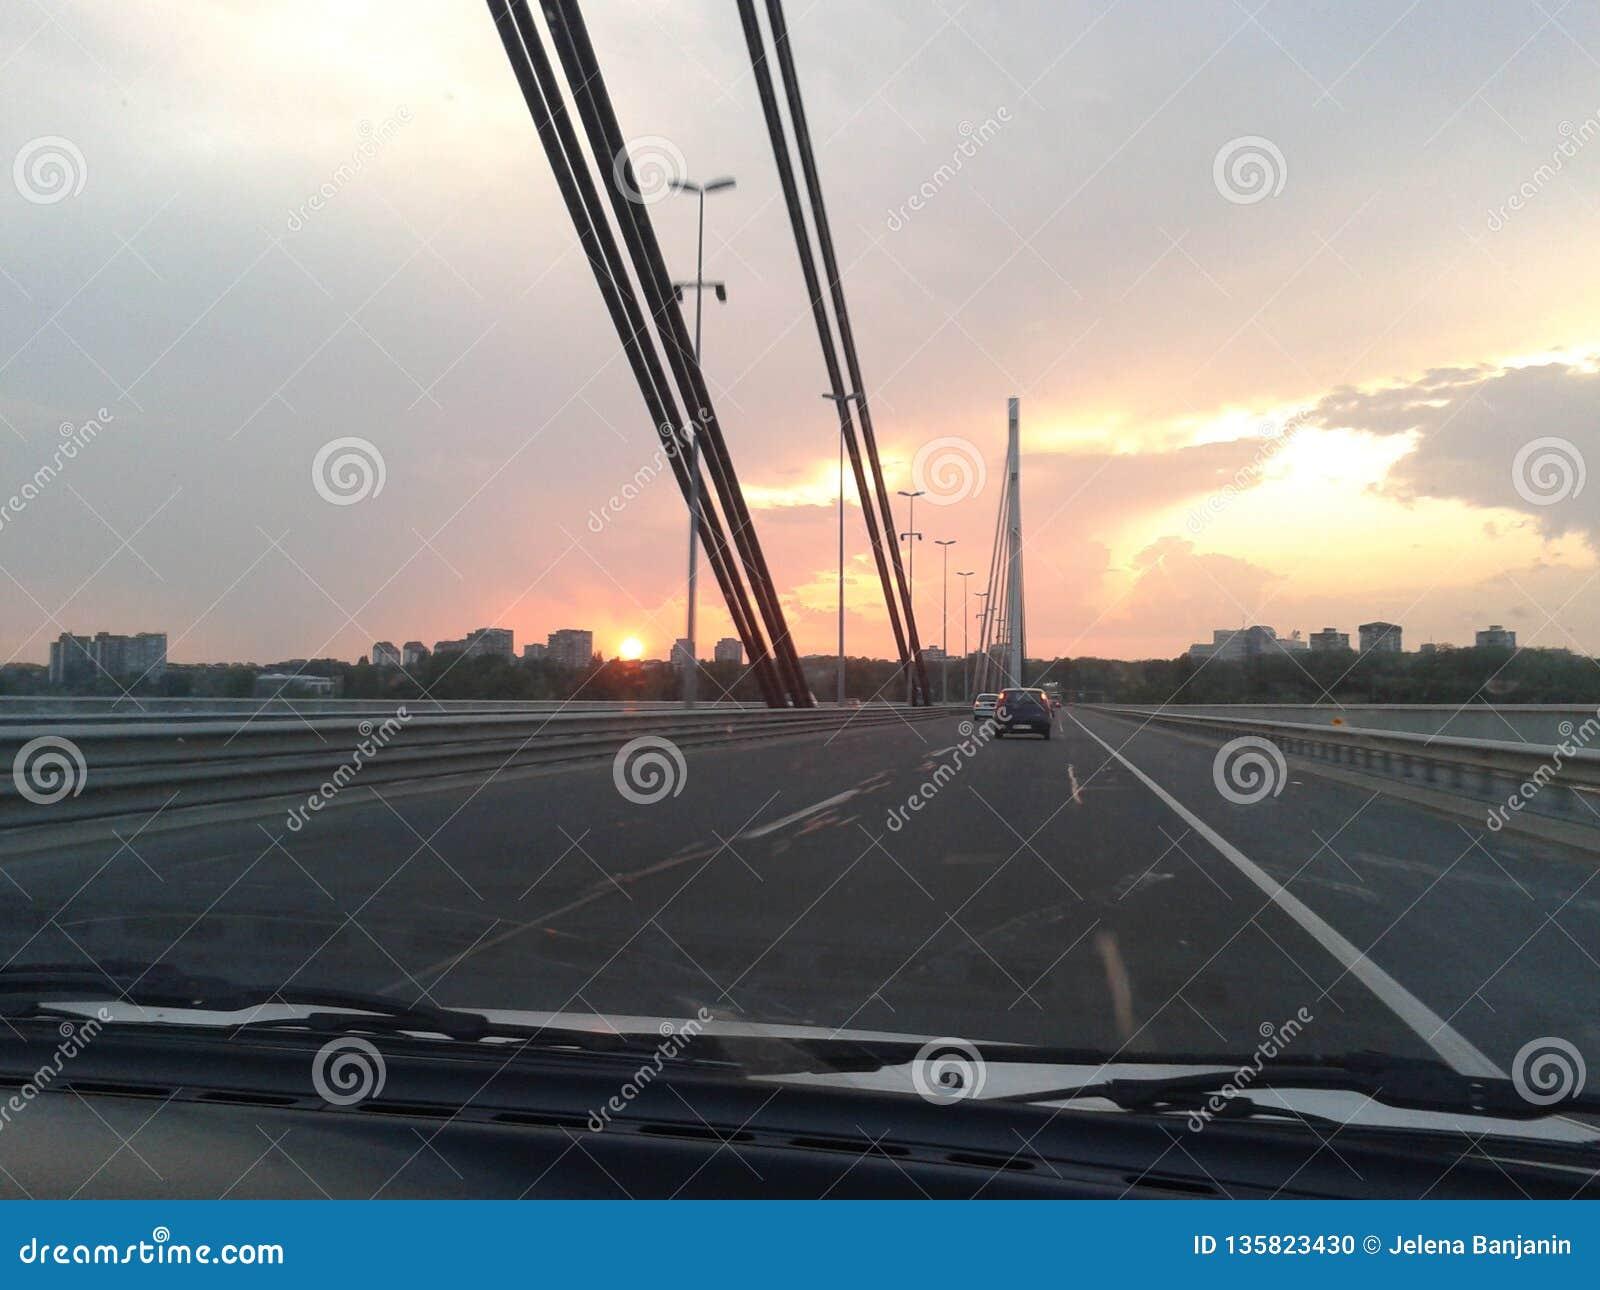 Sonnenuntergang von der Brücke, die Ansicht vom Auto